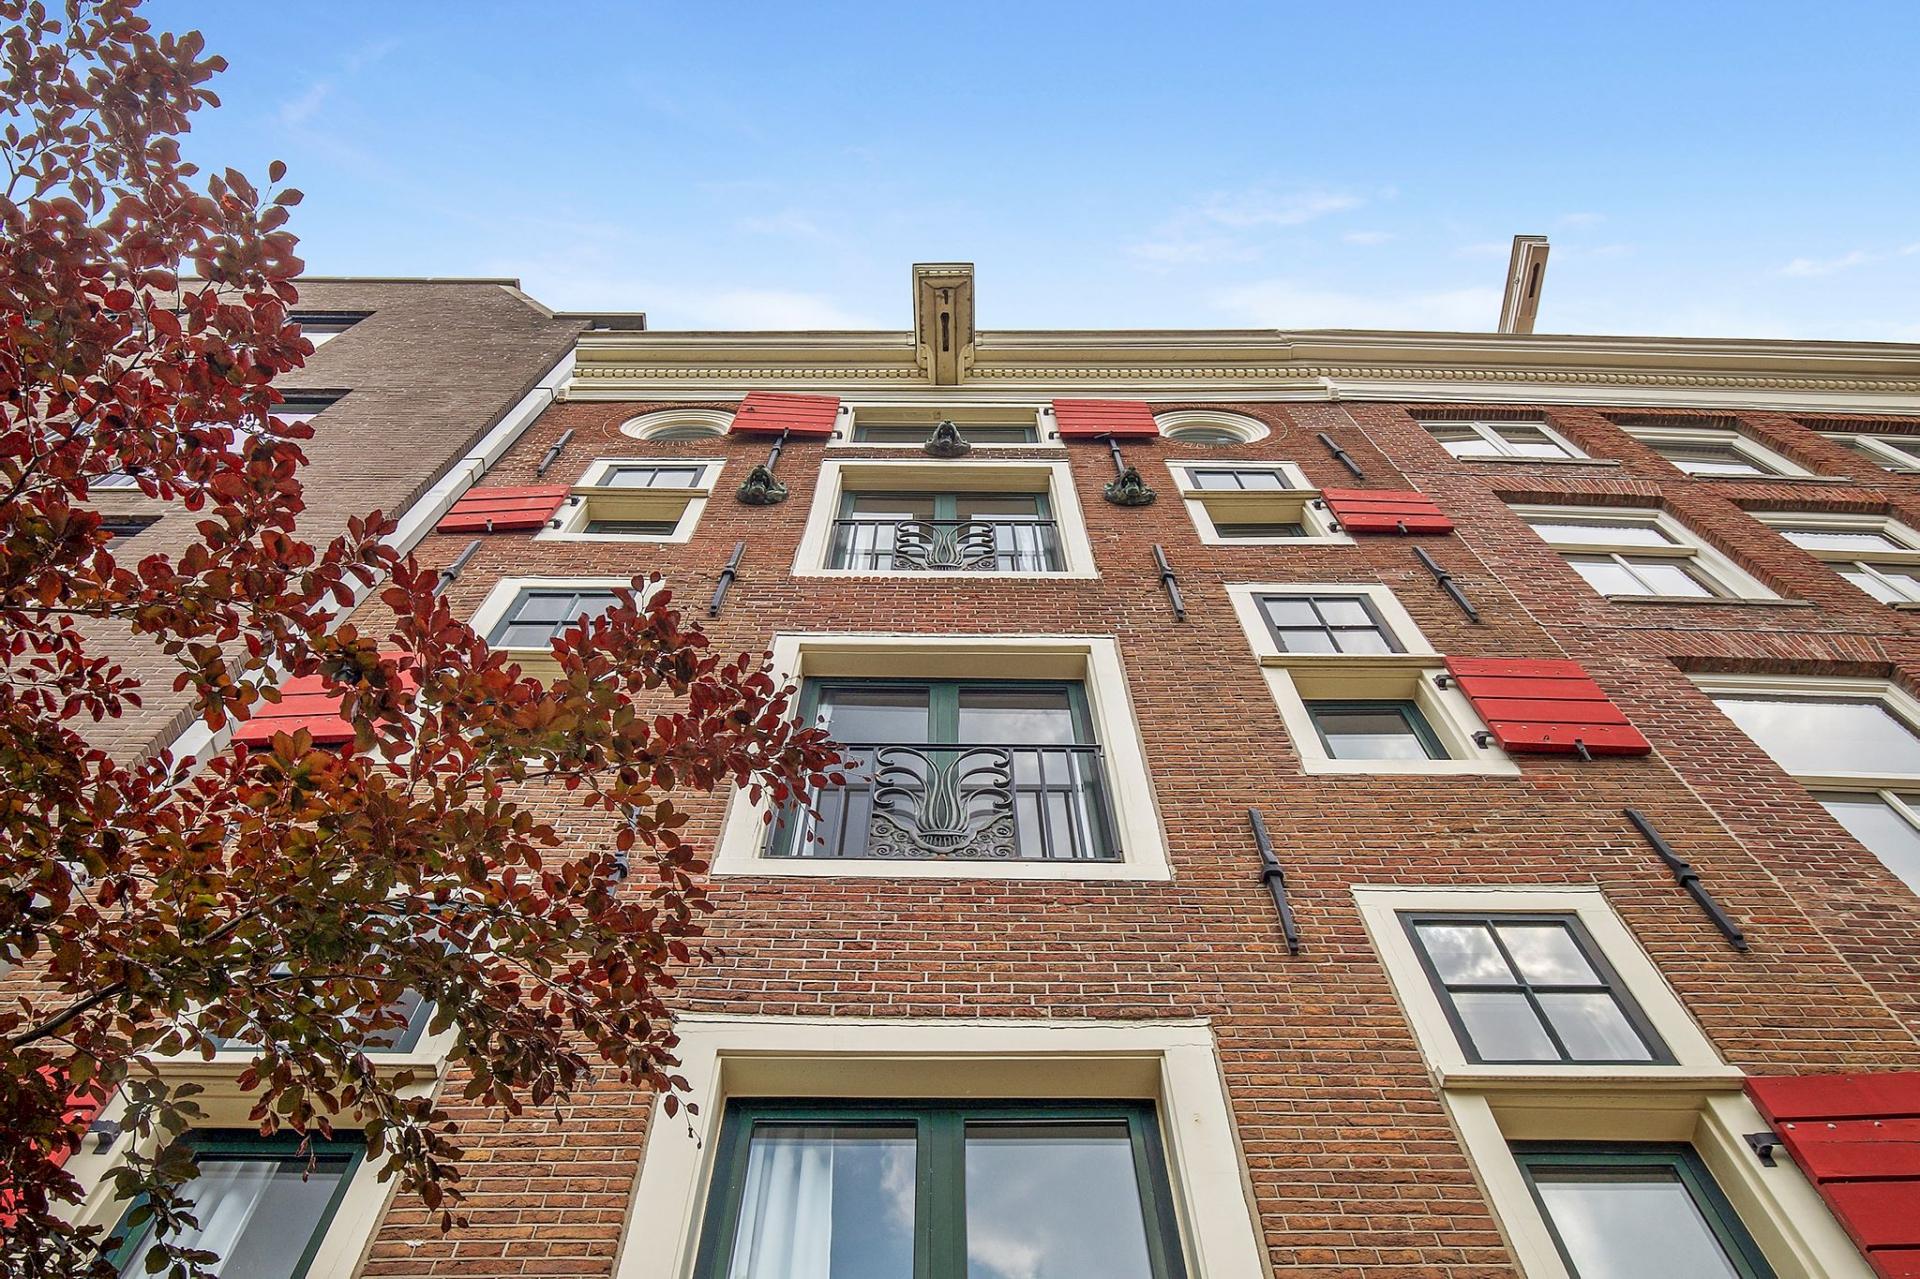 Verbouwing Prinsengracht, Amsterdam